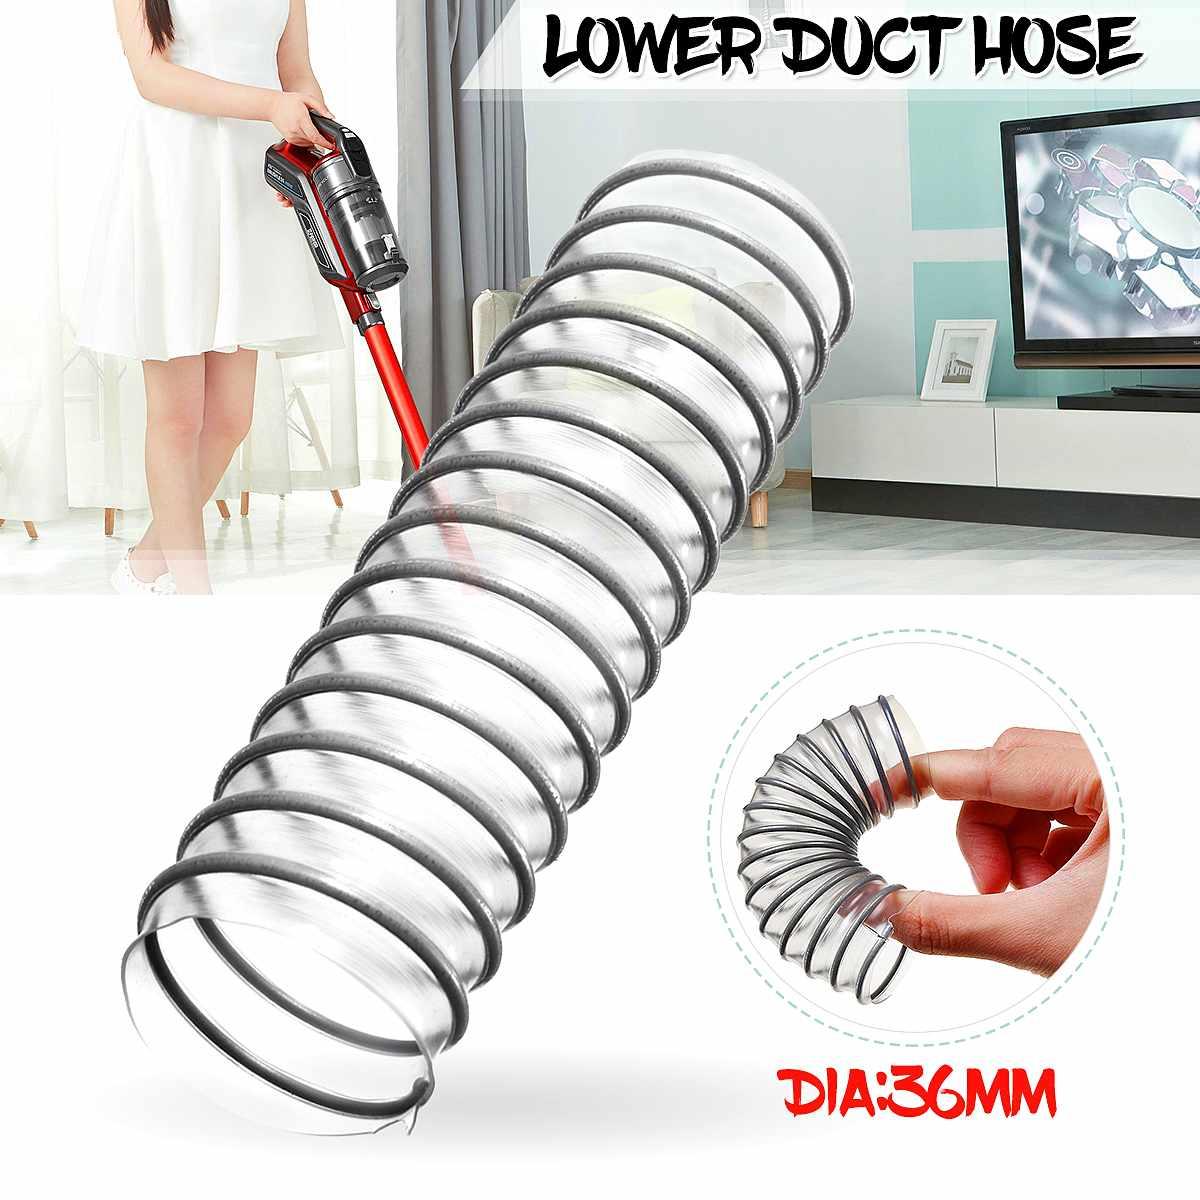 1-1//2 Nozzle Hose For Shark Rotator NV341 NV501 UV560 Vacuum Cleaner Floor Lower